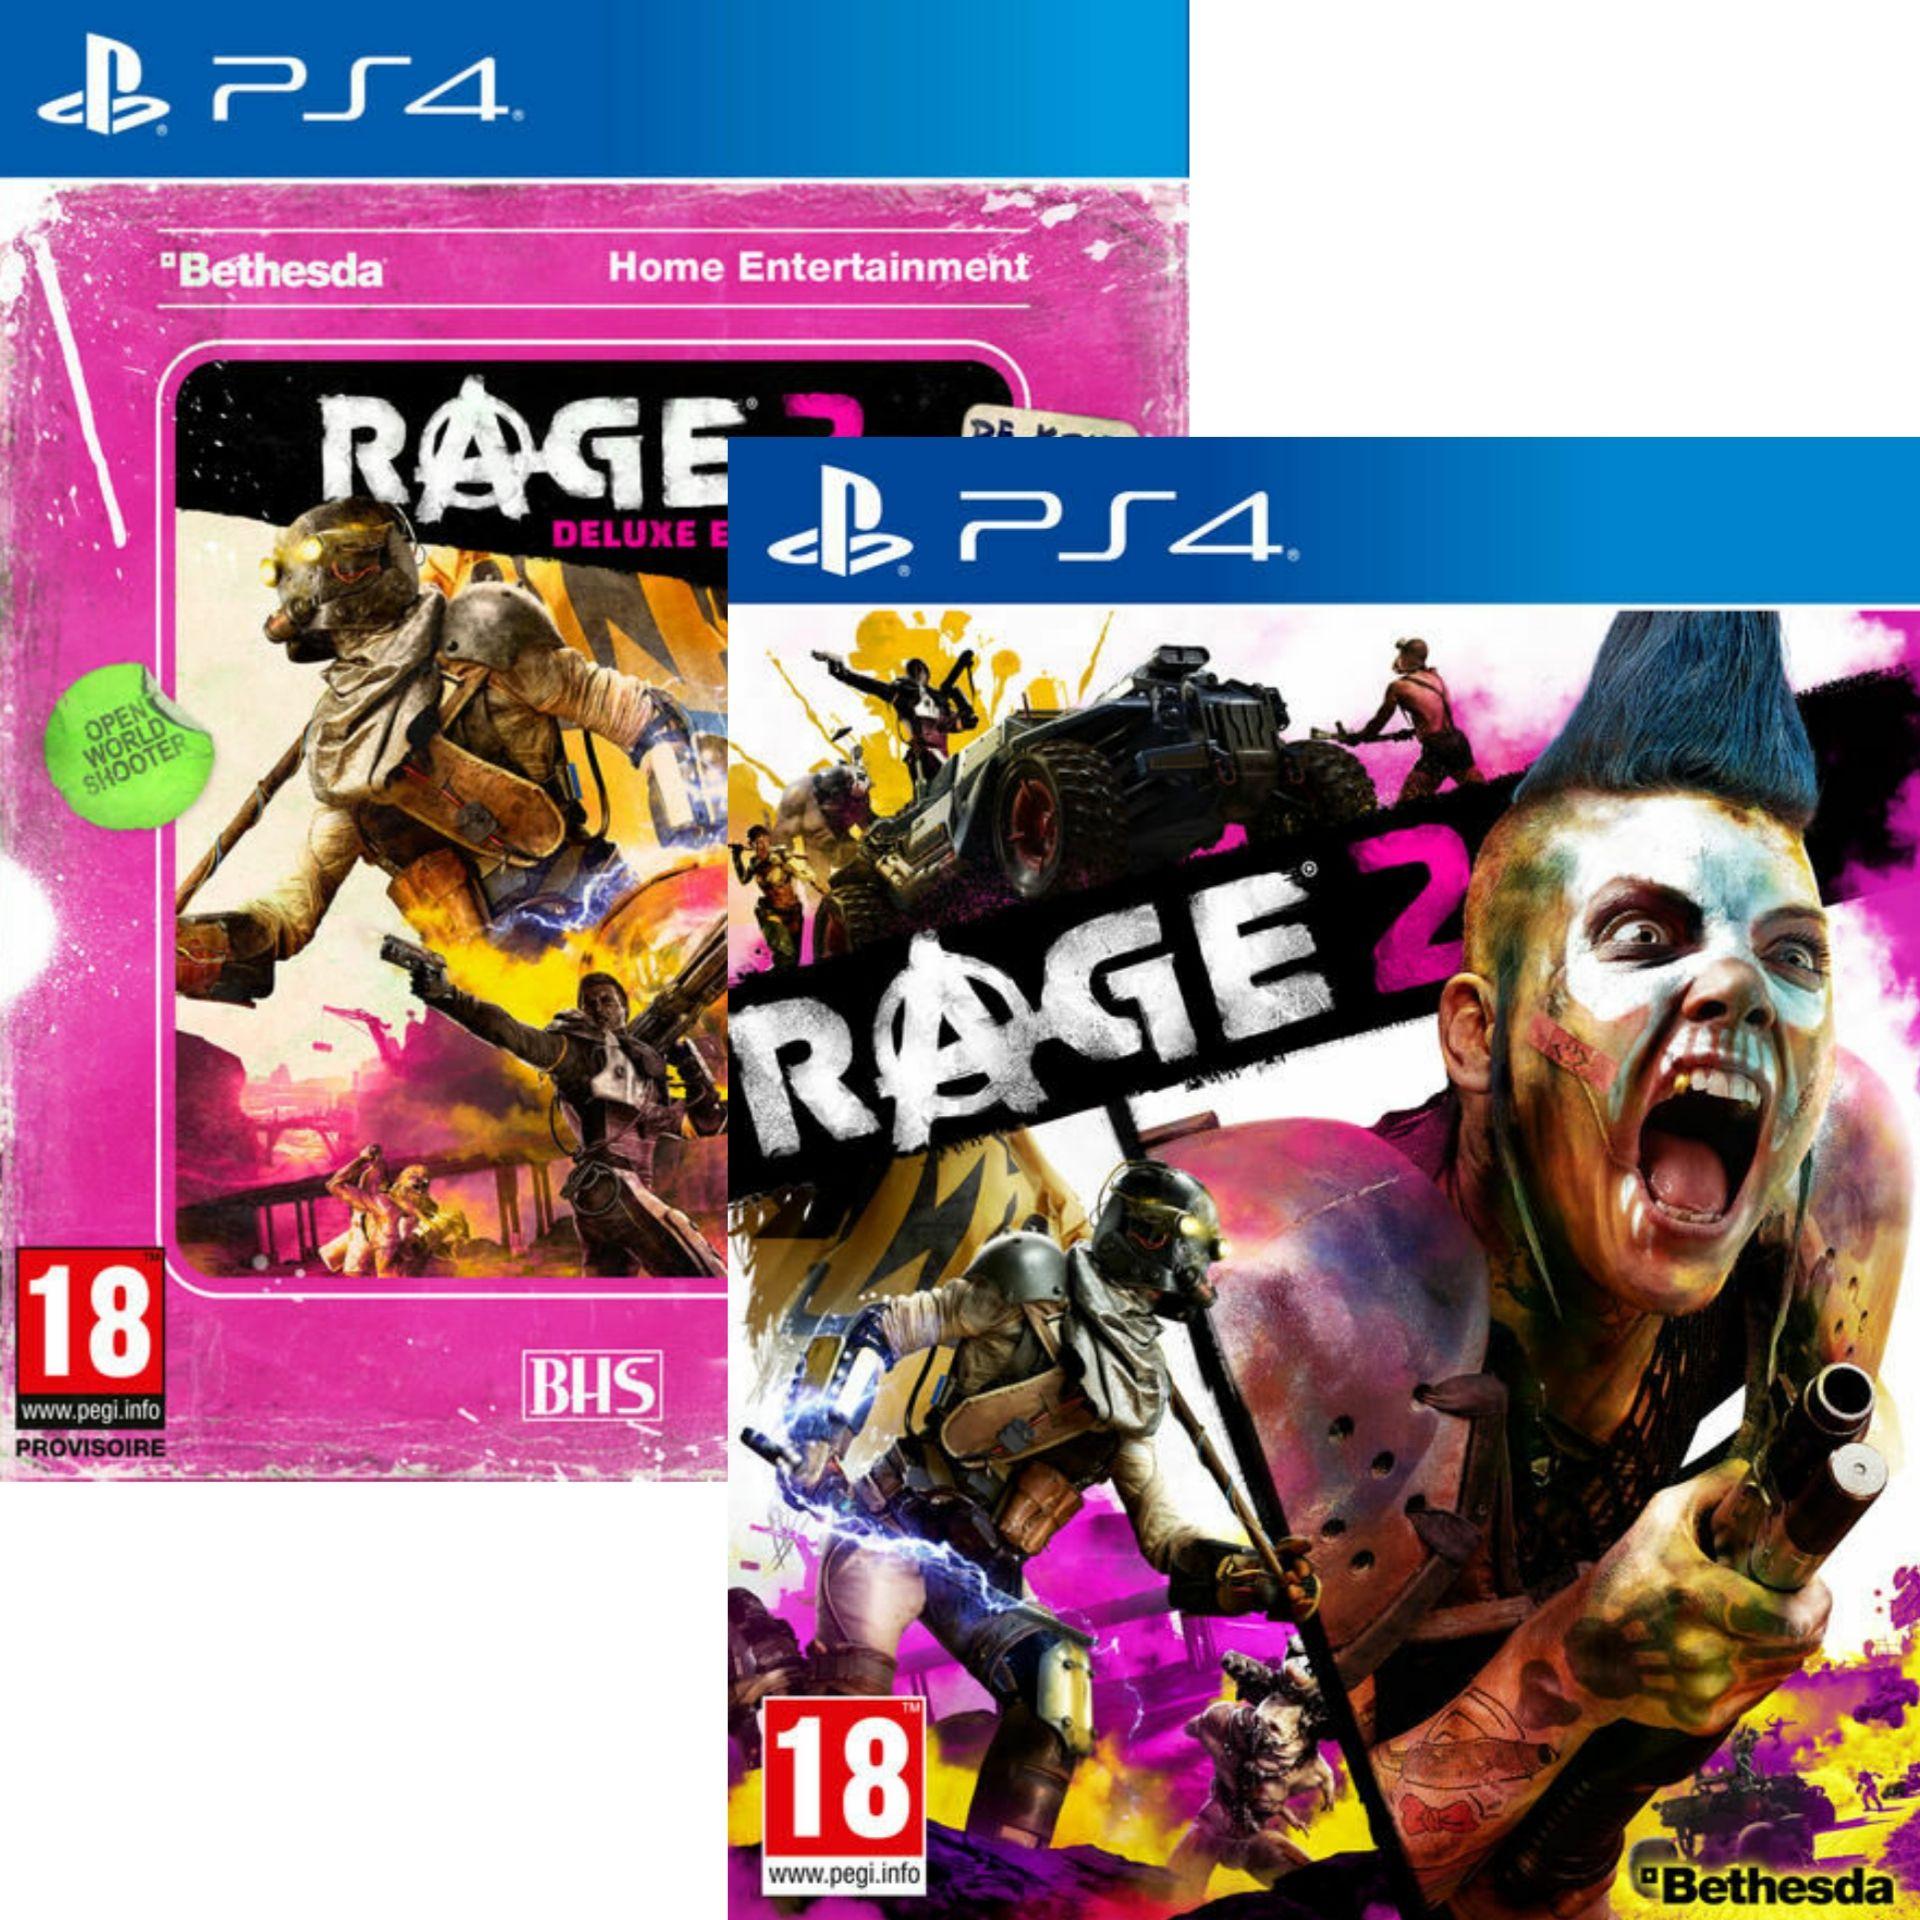 Rage 2 édition standard ou deluxe sur PS4